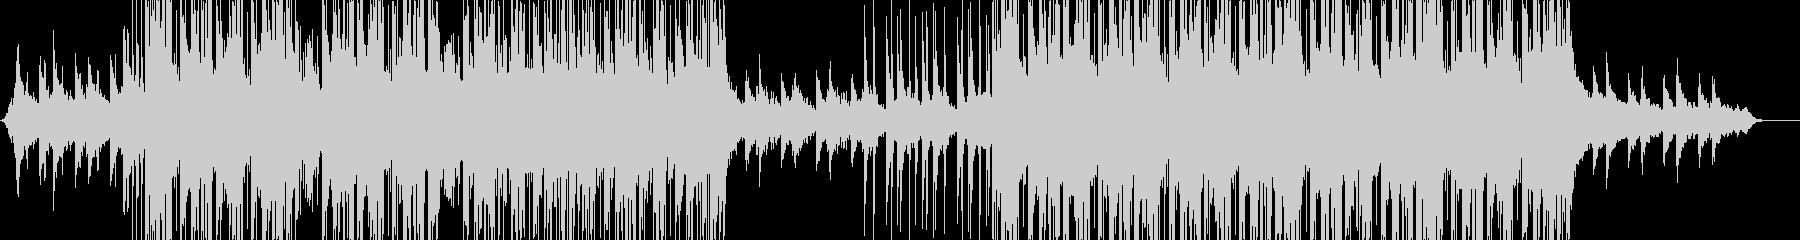 future bass、EDM1-Aの未再生の波形